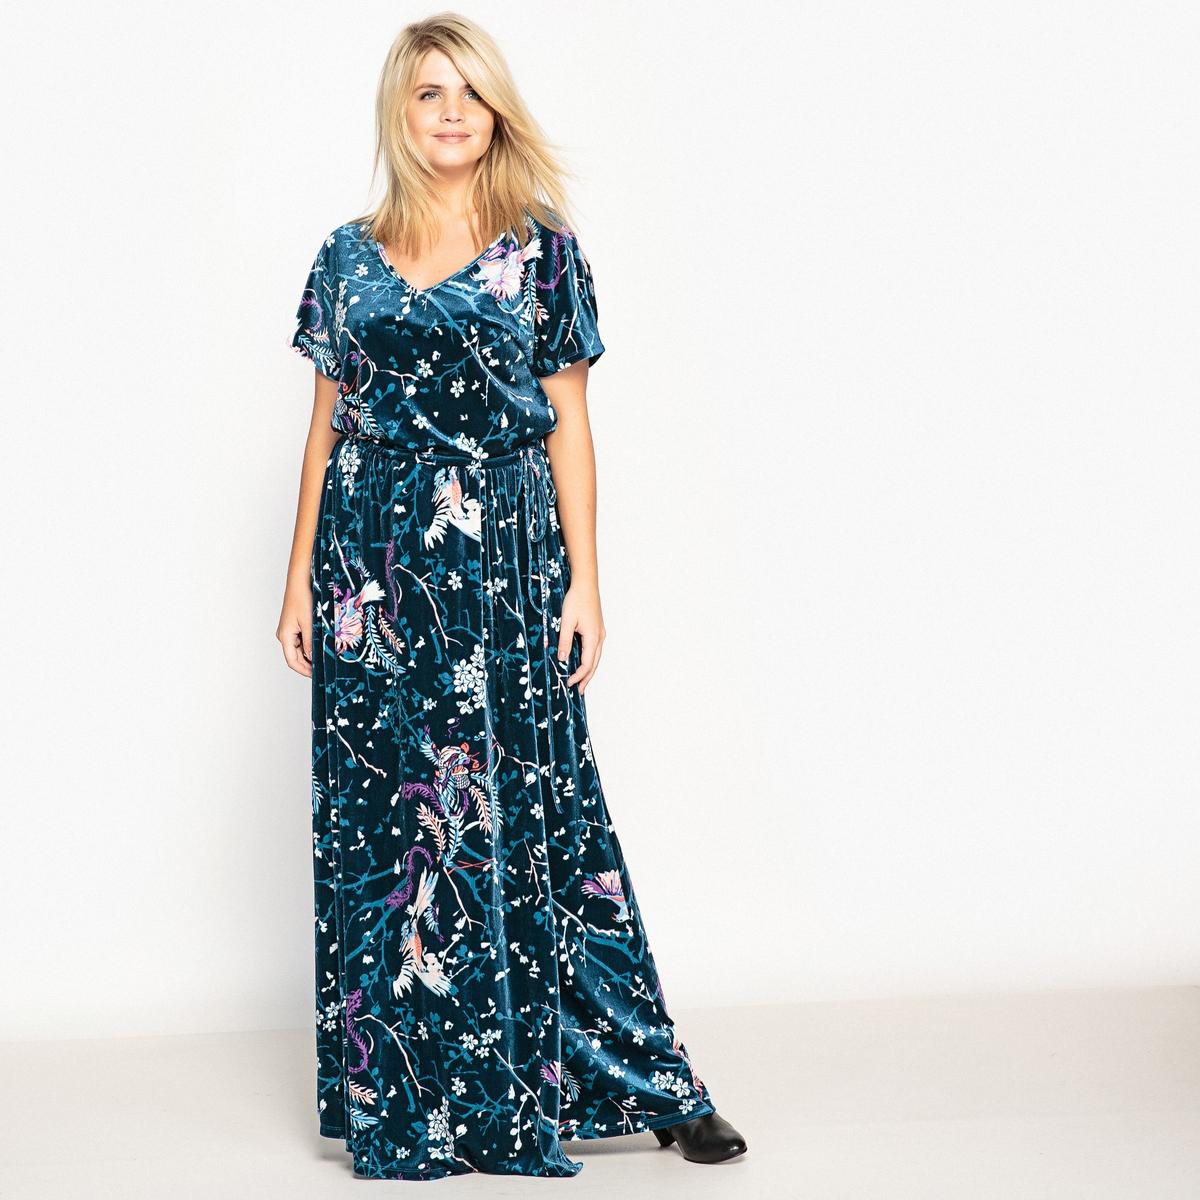 Платье-макси трикотажное с рисунком и короткими рукавамиОписание:Очень женственное длинное платье из велюрового трикотажа. Козыри длинного платья : великолепный рисунок и очень мягкий велюровый трикотаж.Детали   •  Форма : прямая •  Длина ниже колен •  Короткие рукава    •   V-образный вырез •  Рисунок-принтСостав и уход •  8% эластана, 92% полиэстера •  Температура стирки 30° на деликатном режиме   •  Не использовать сухую чистку / не отбеливать   •  Не использовать барабанную сушку   •  Низкая температура глажки Товар из коллекции больших размеров<br><br>Цвет: рисунок японский<br>Размер: 42 (FR) - 48 (RUS).50 (FR) - 56 (RUS)